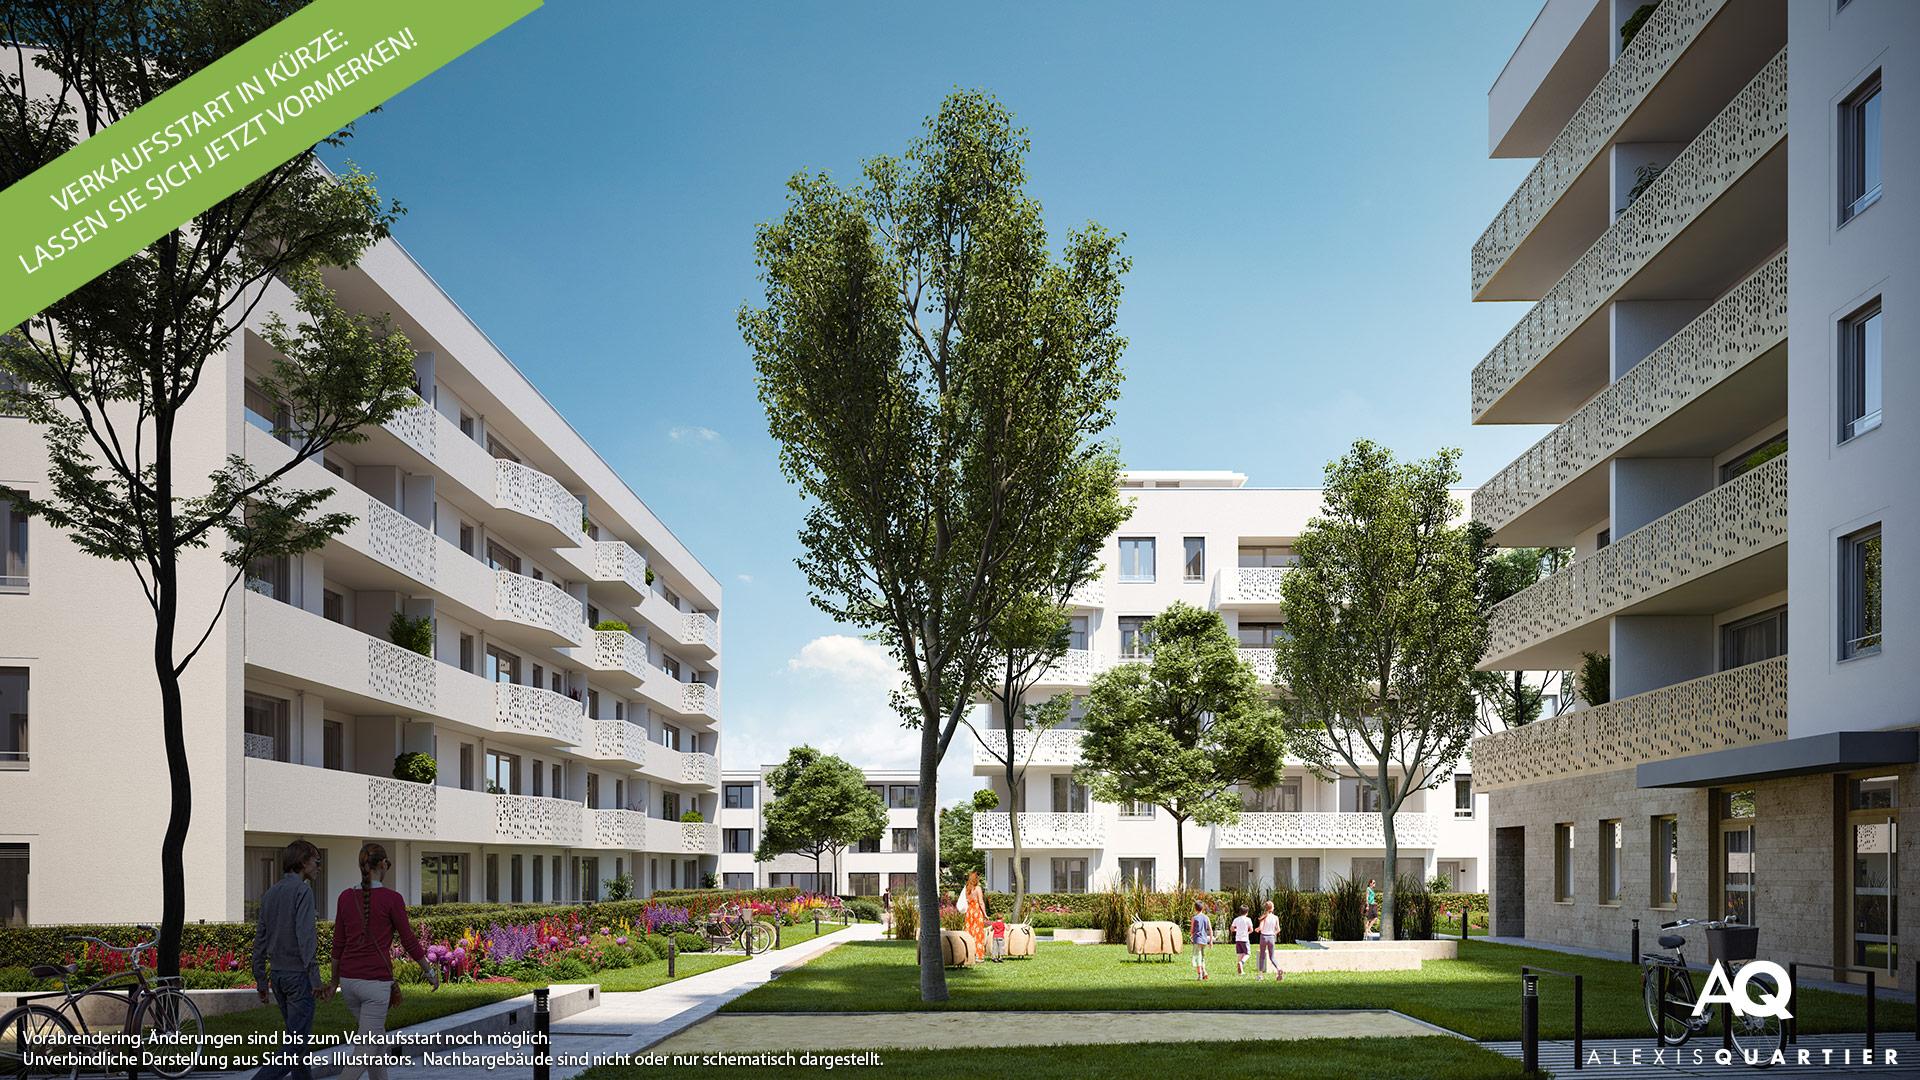 Immobilie Alexisquartier - Vorabillustration 2